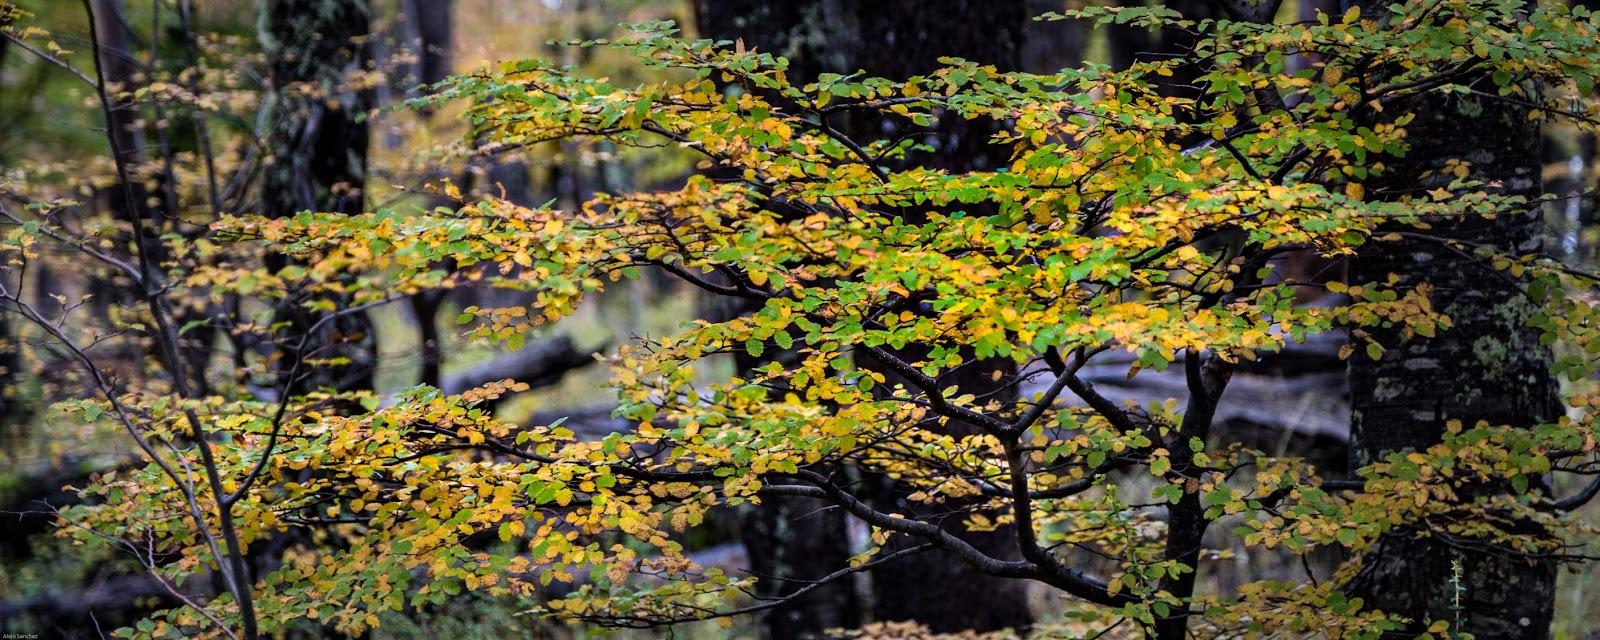 Patagonia Norte Safari Fotográfico y workshop por Alejo Sánchez, Fotografía de naturaleza, Neuquén, Parque Nacional Lanín, Photo Travel, Otoño, Bosques, Patagonia Argentina, Bosque Patagónico